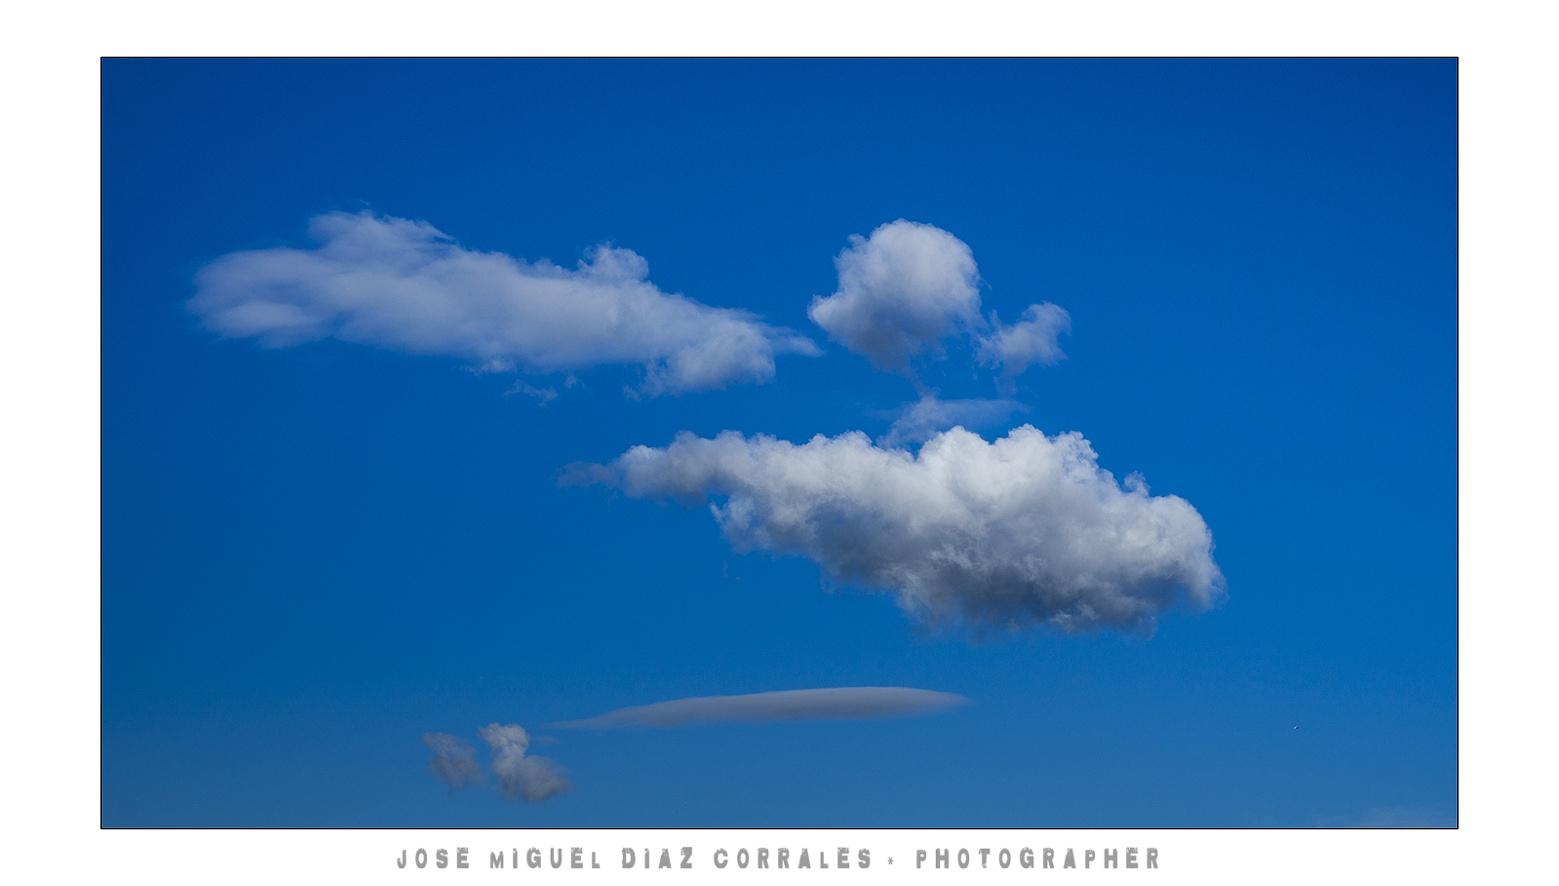 Serio by Josemigueldiazcorrales